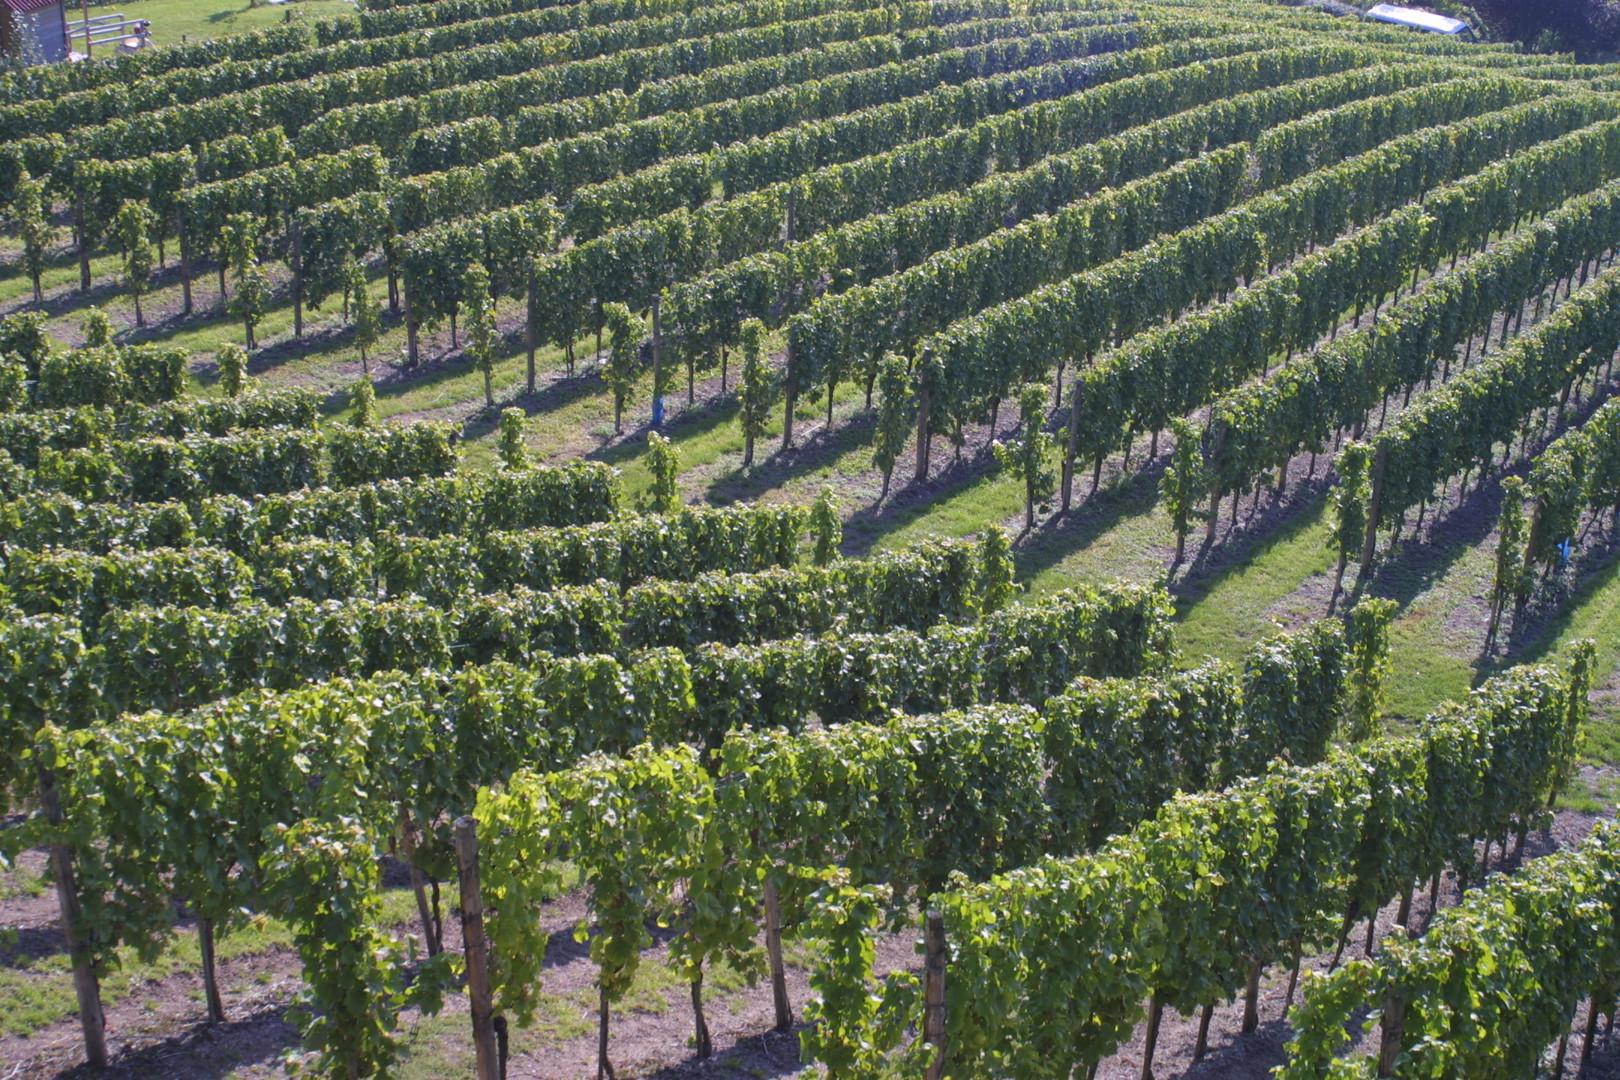 Vineyard in Remisch, Luxembourg